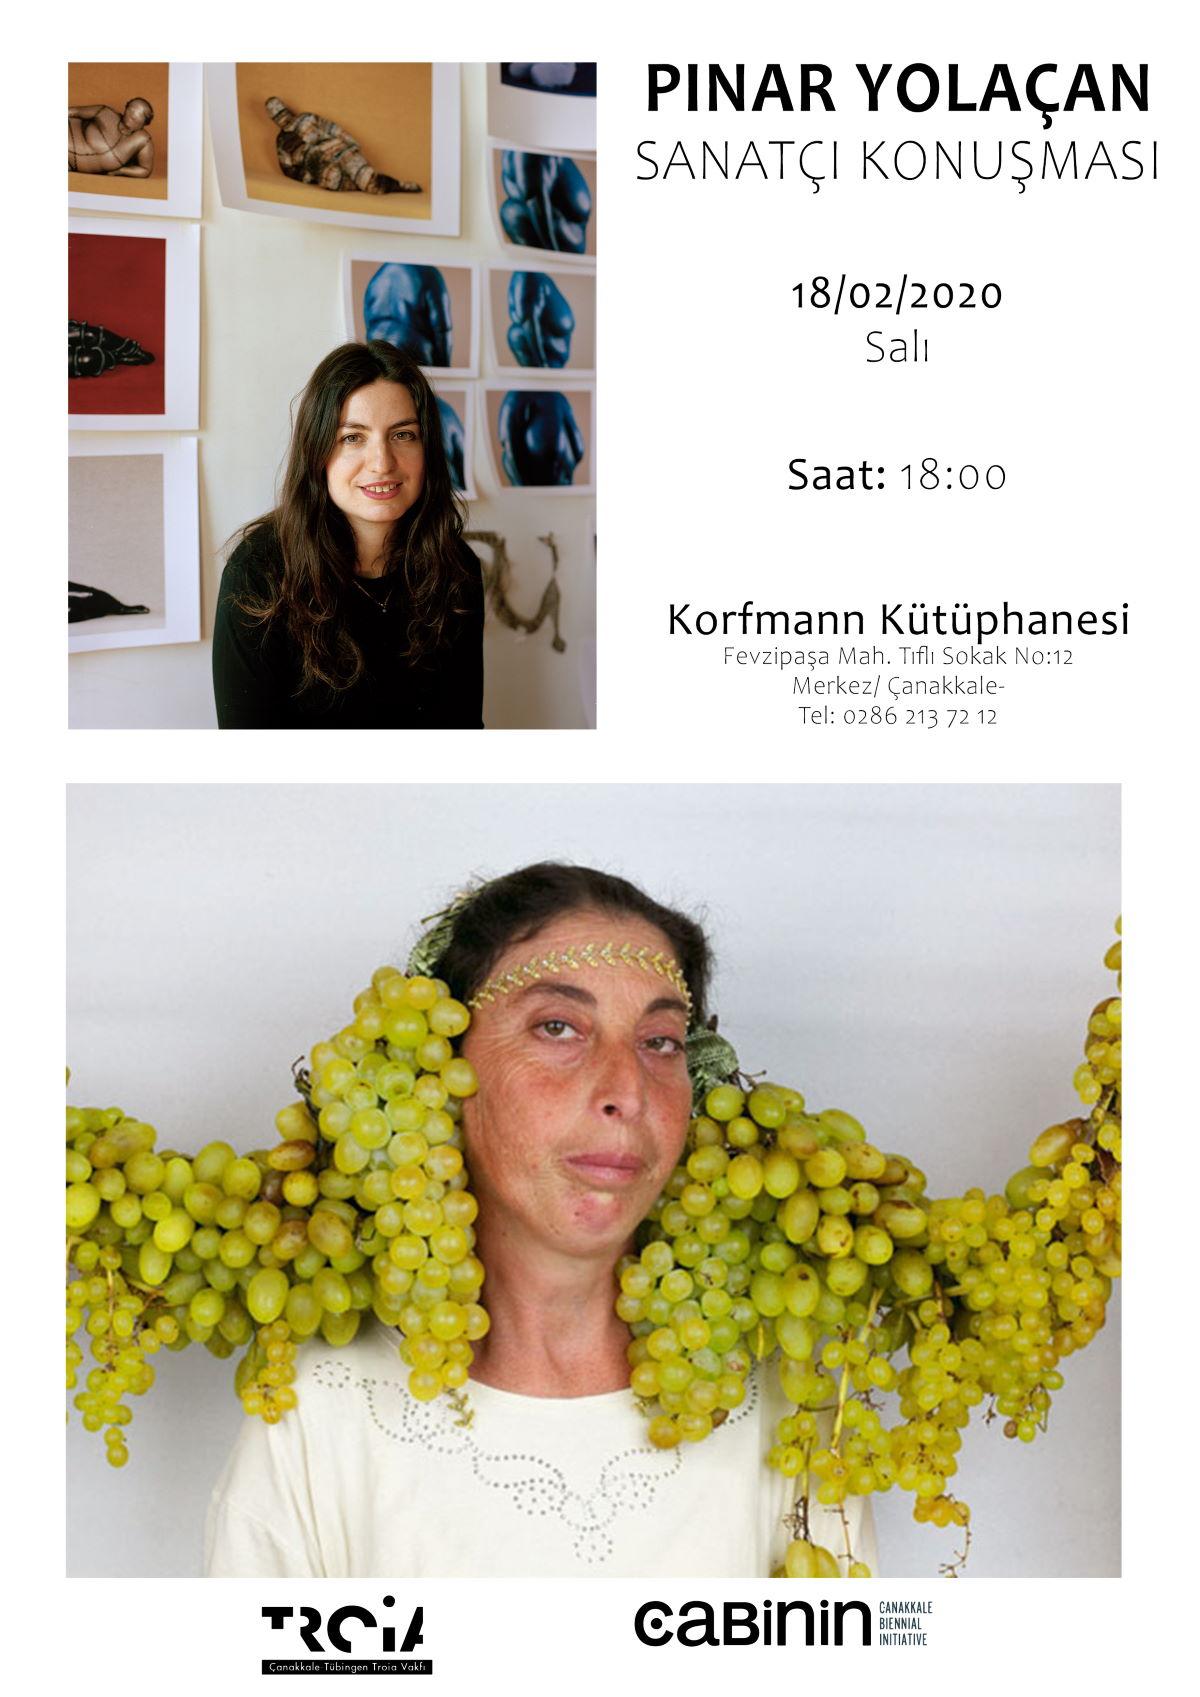 Pınar Yolaçan Sanatçı Konuşmasıyla Korfmann'da